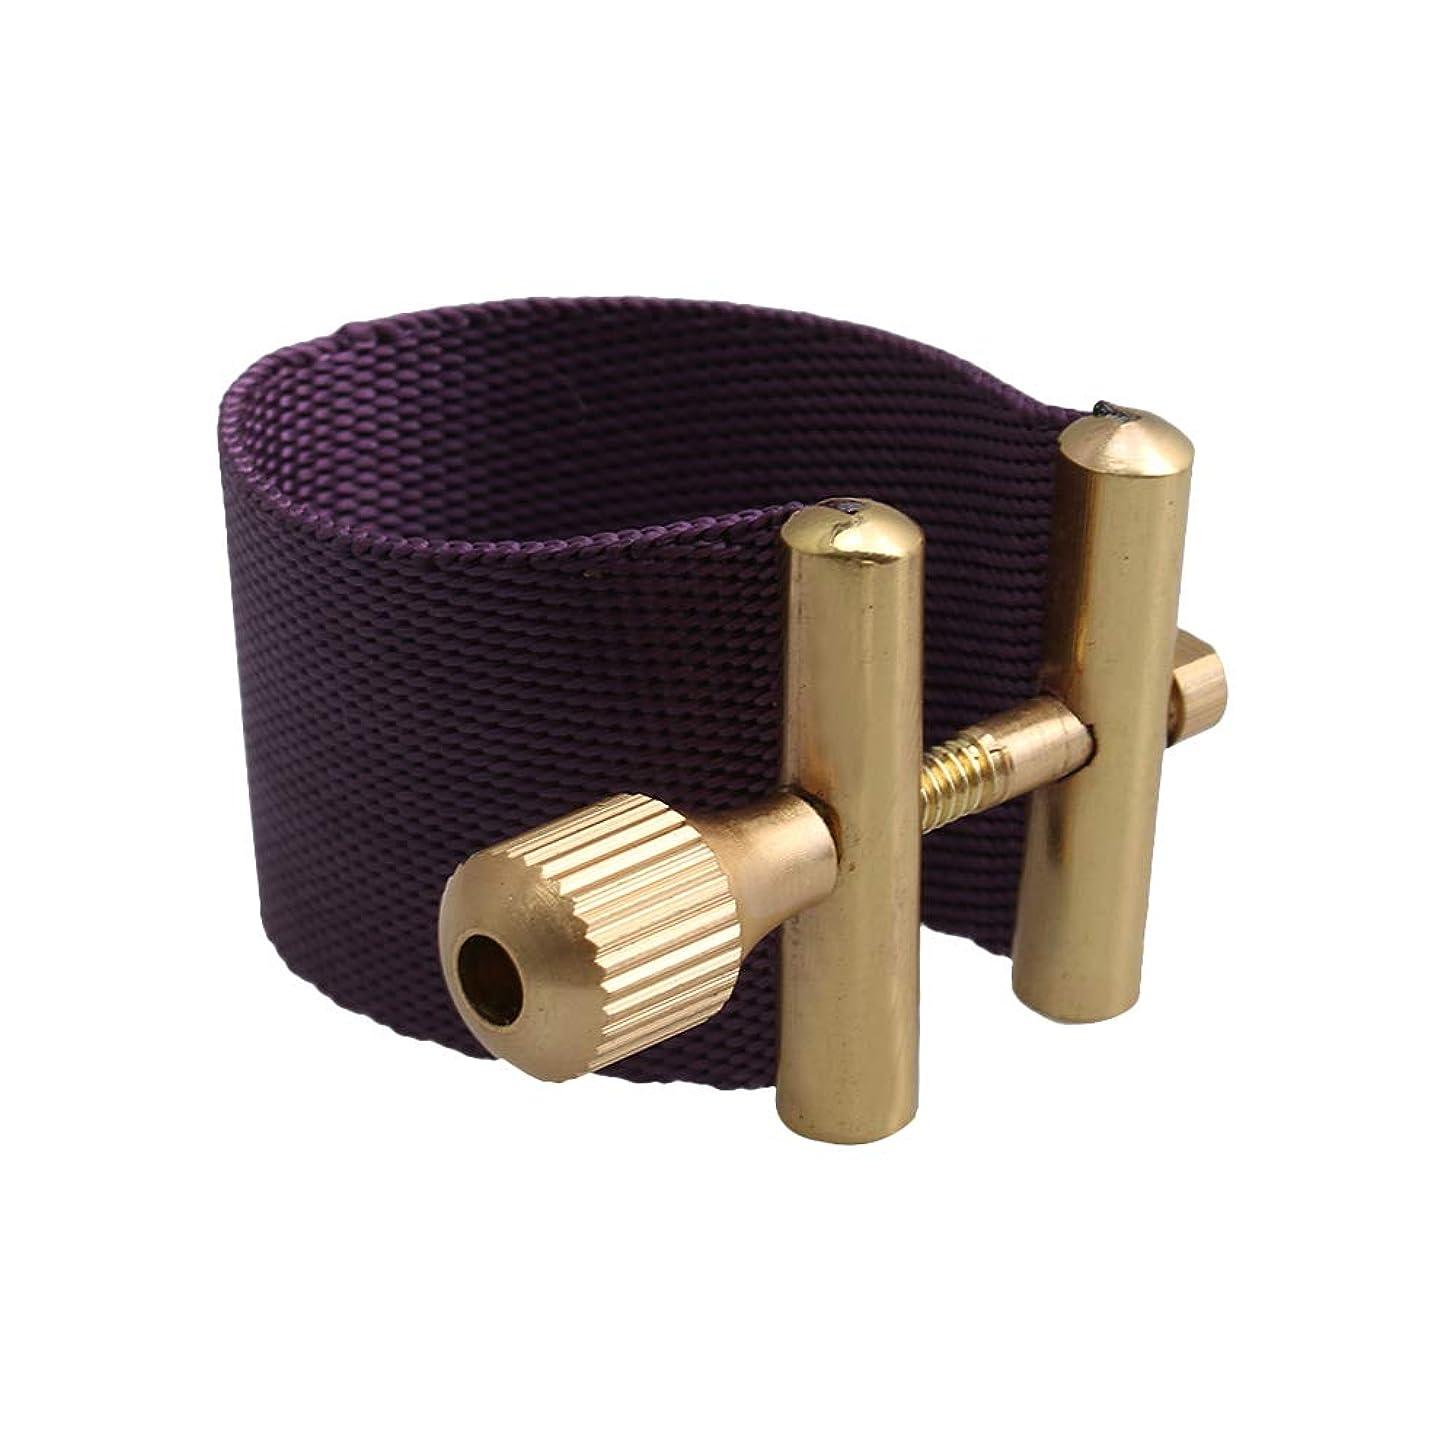 Mxfans Tenor Sax Rubber Mouthpiece Ligature Saxophone Clips Clamp Sax Parts